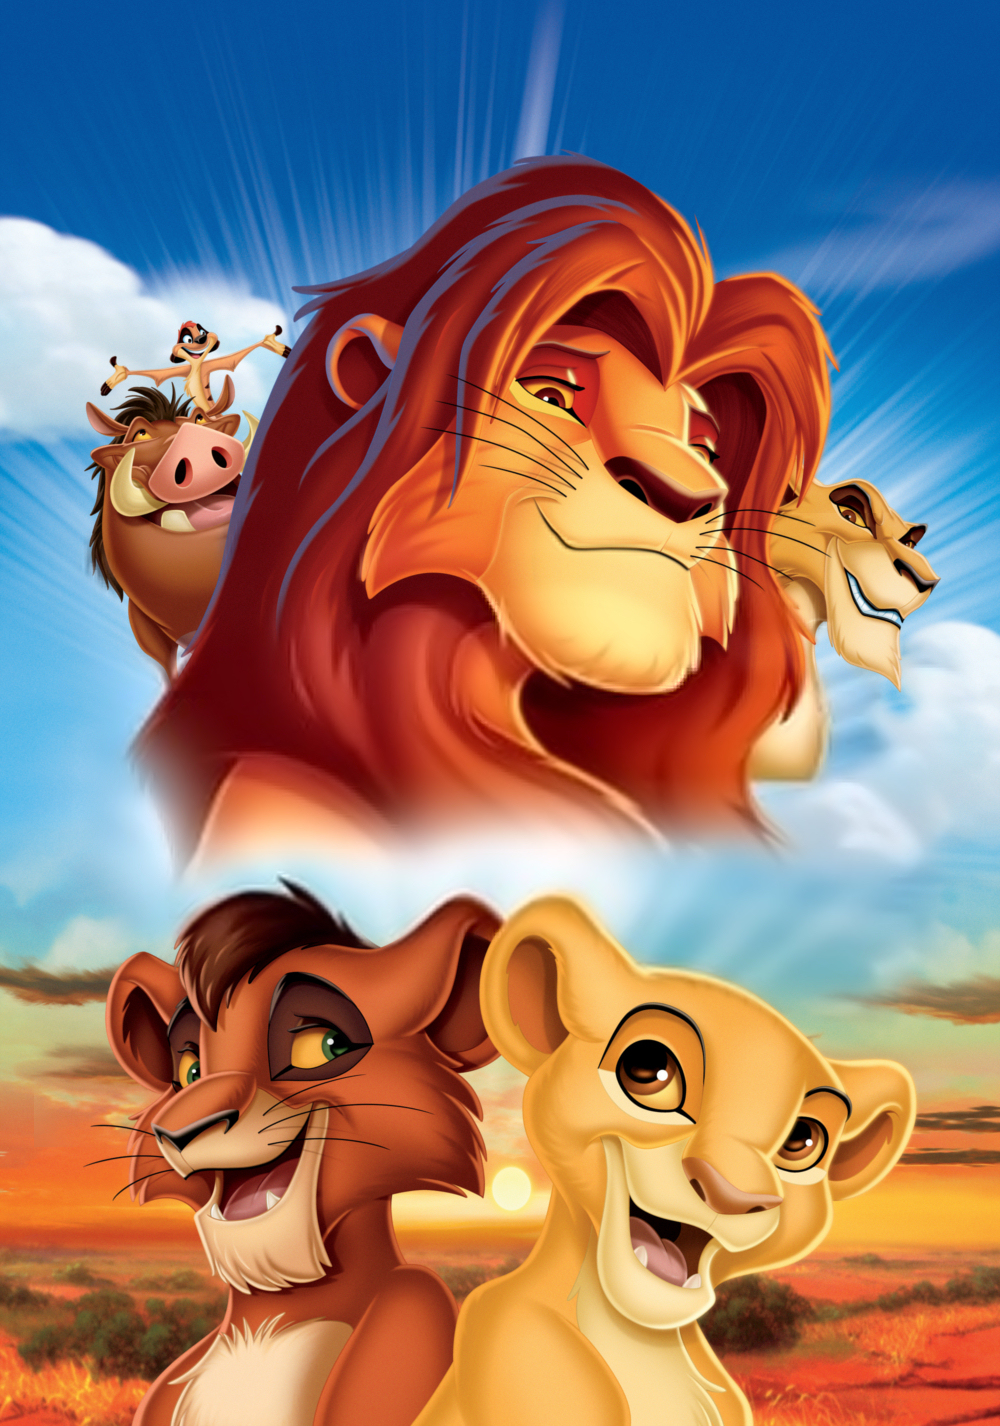 The Lion King Ii Simba S Pride Movie Fanart Fanart Tv